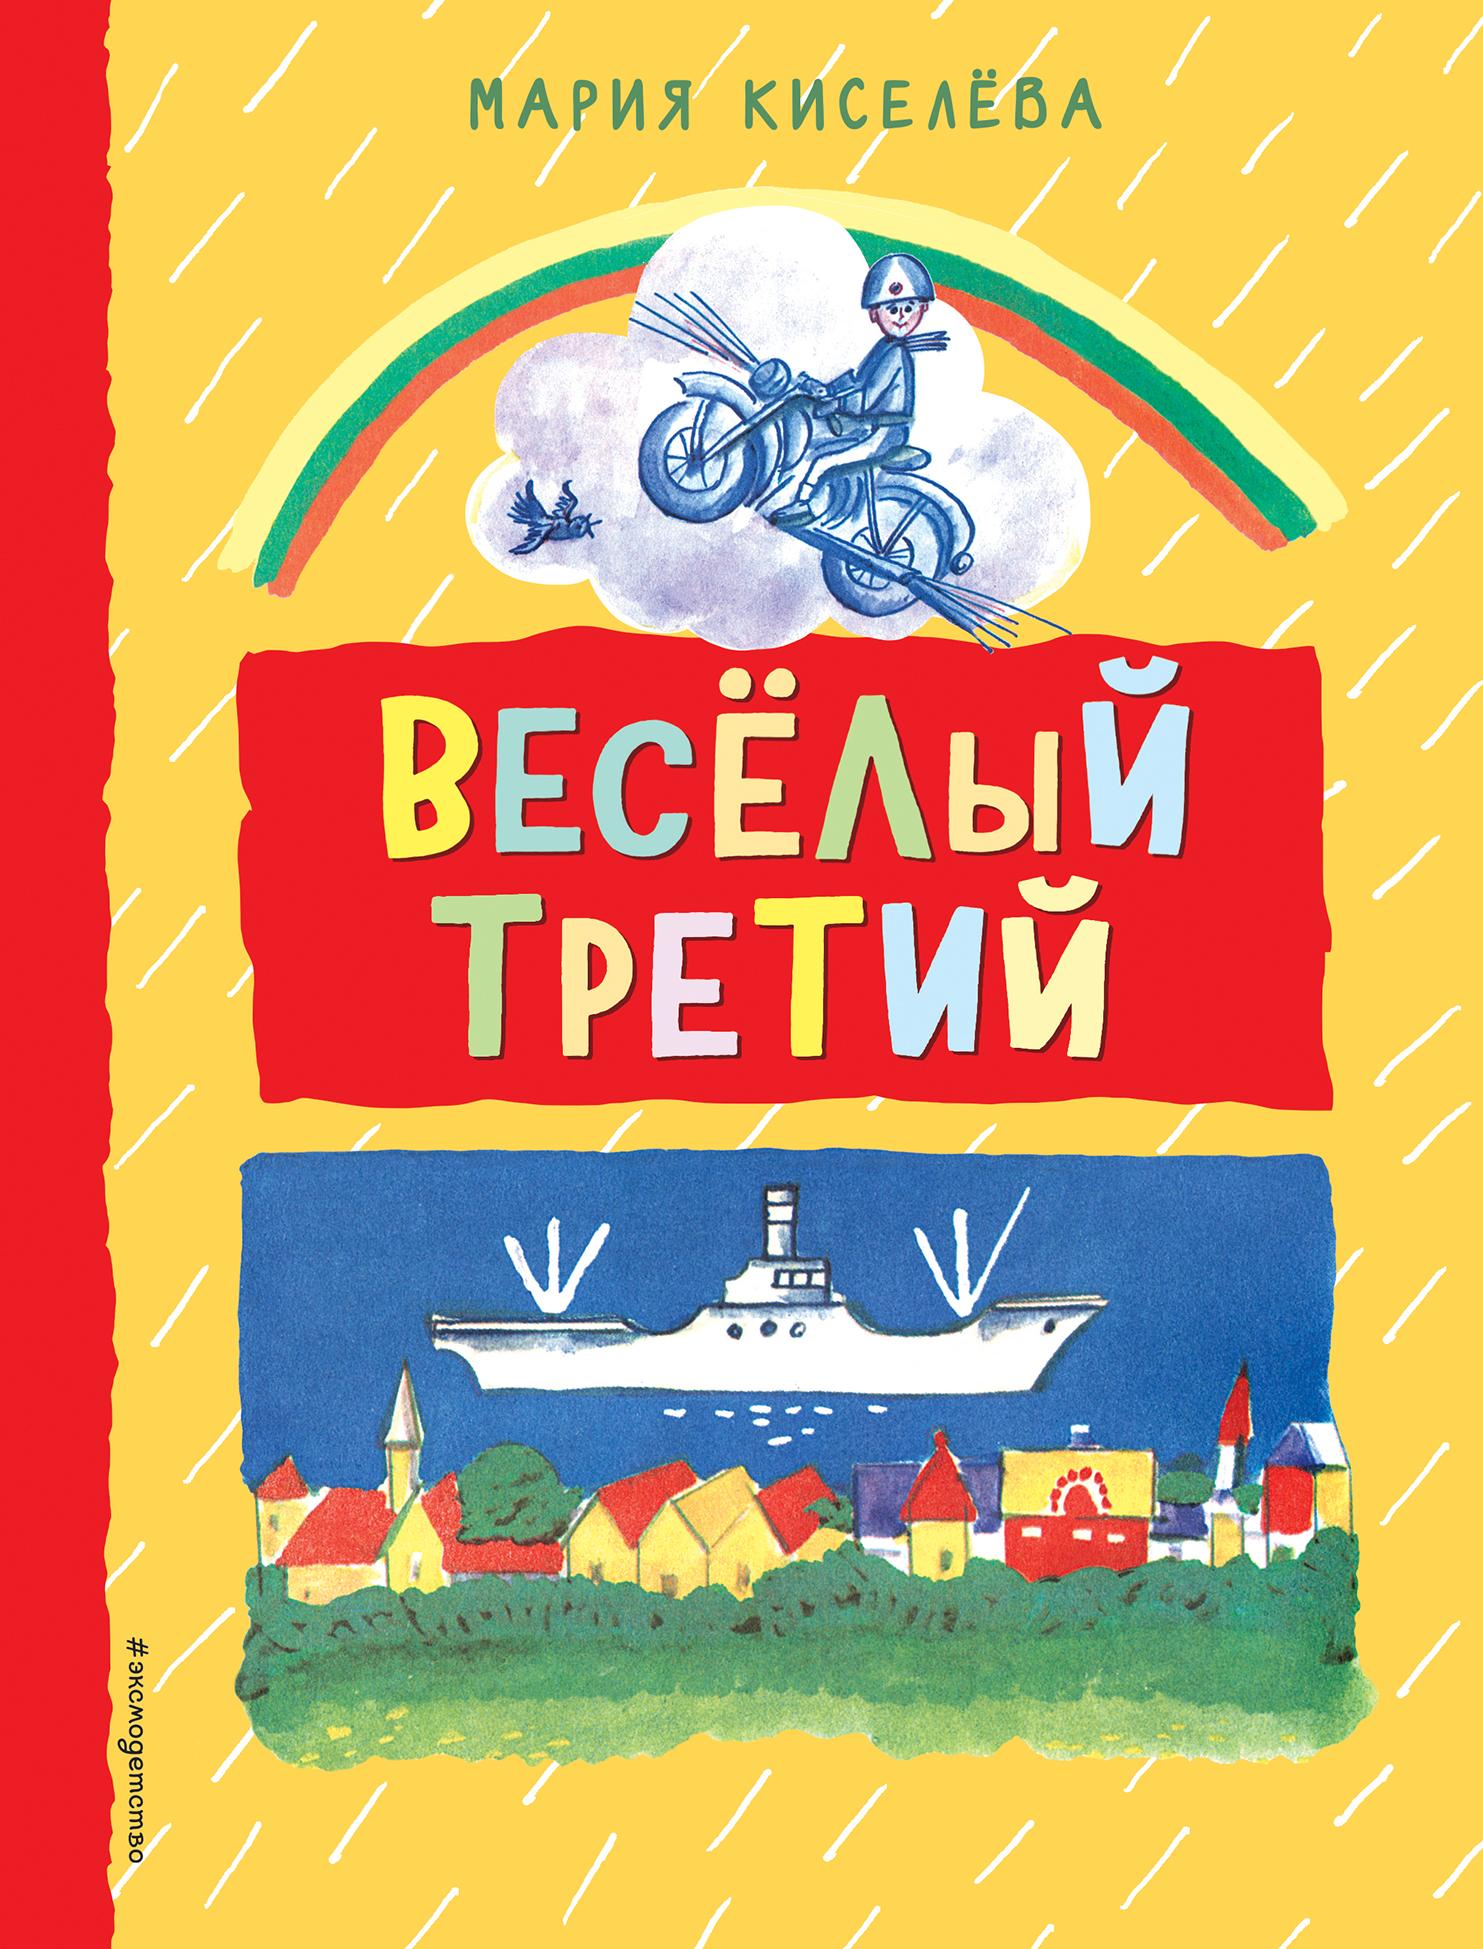 Киселева Мария Степановна Веселый третий мария киселева веселый третий